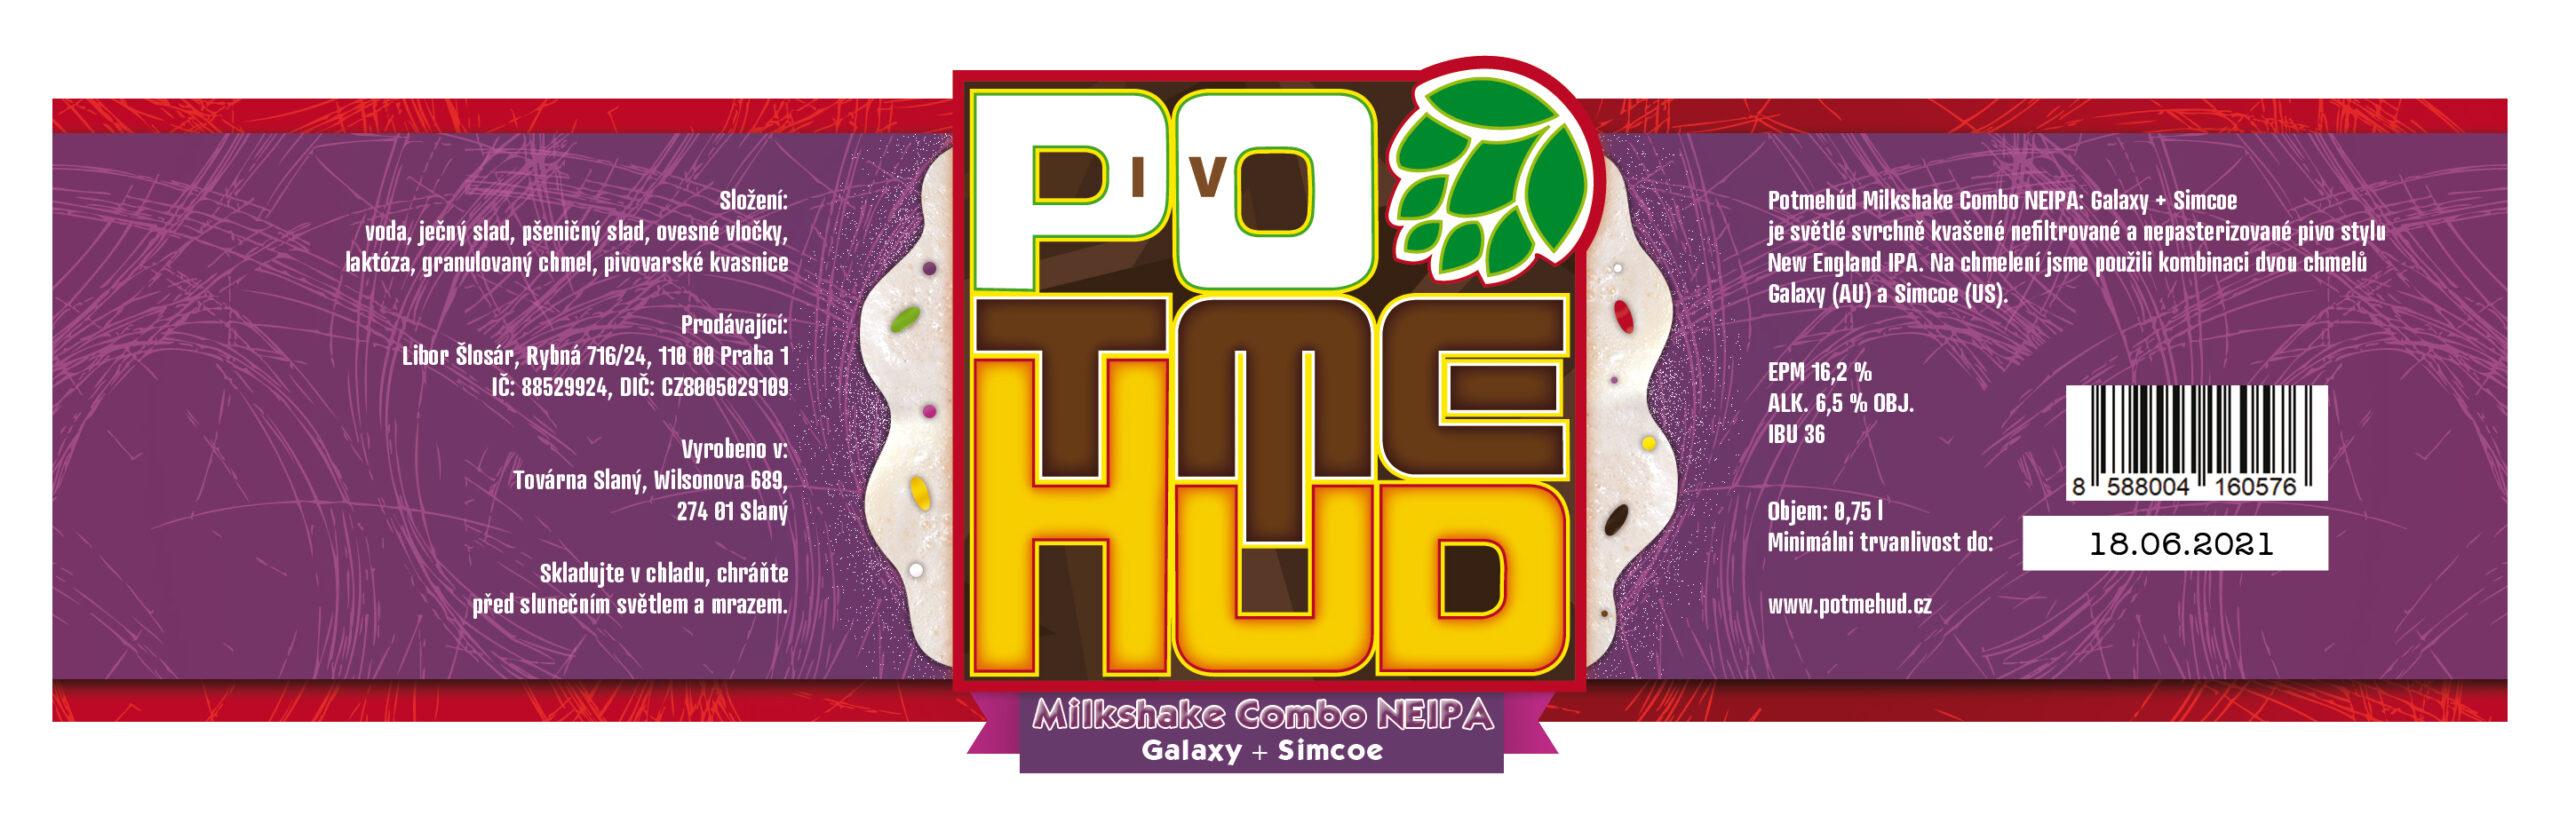 potmehud_etiketa_design_032021_milkshake_comboNeIPA